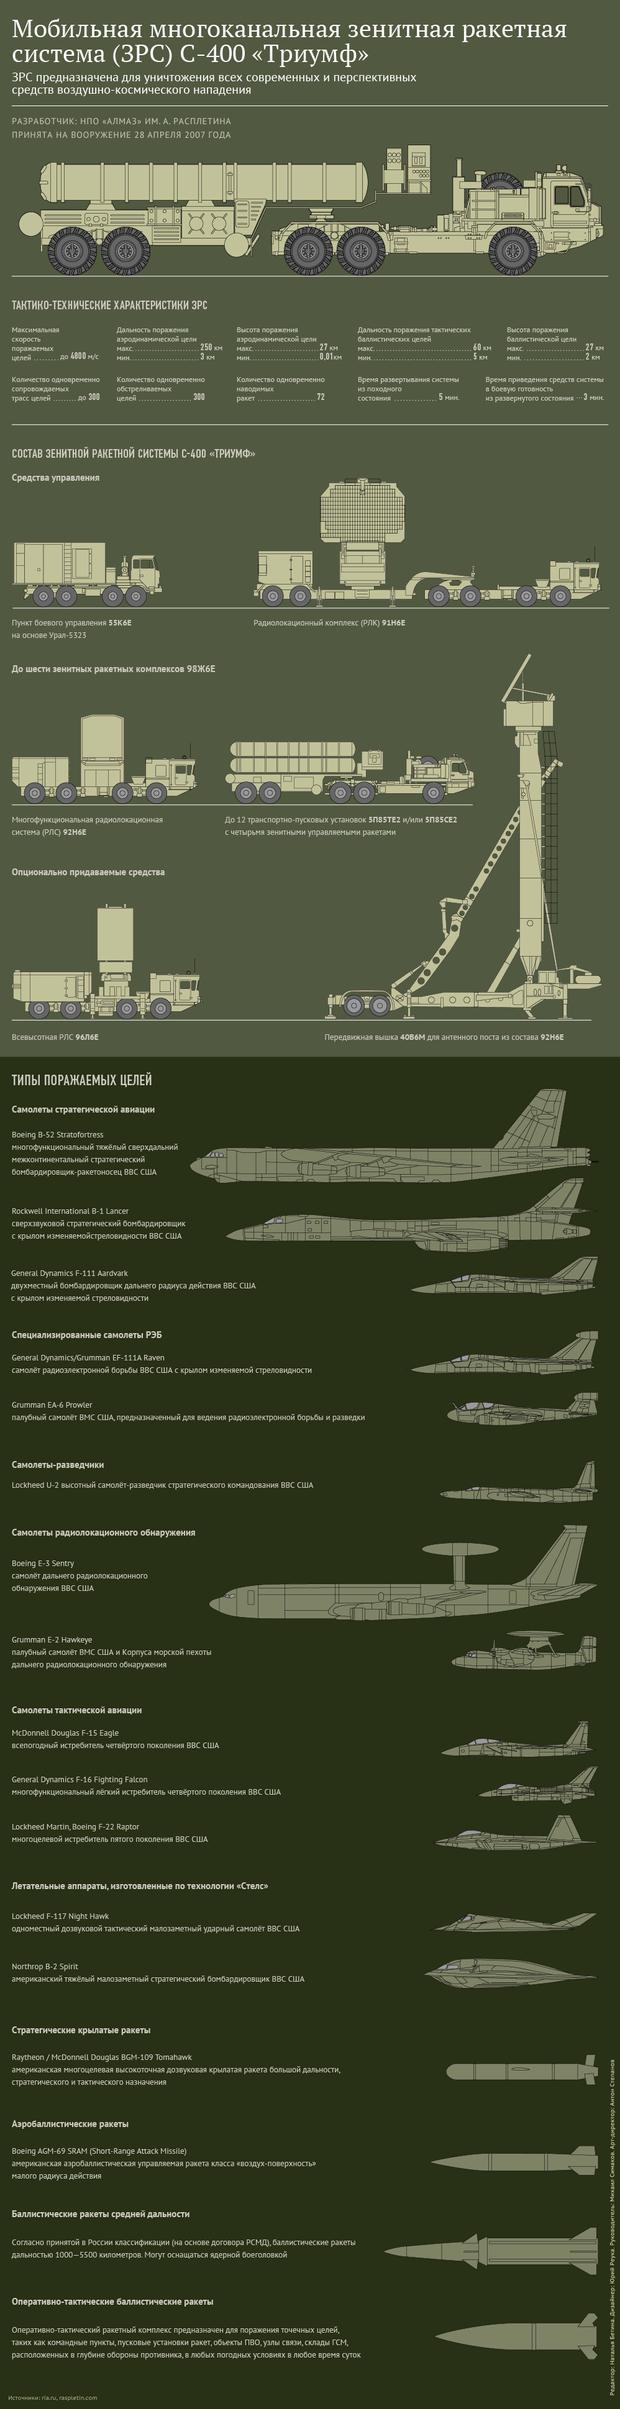 Росія, Крим, зброя